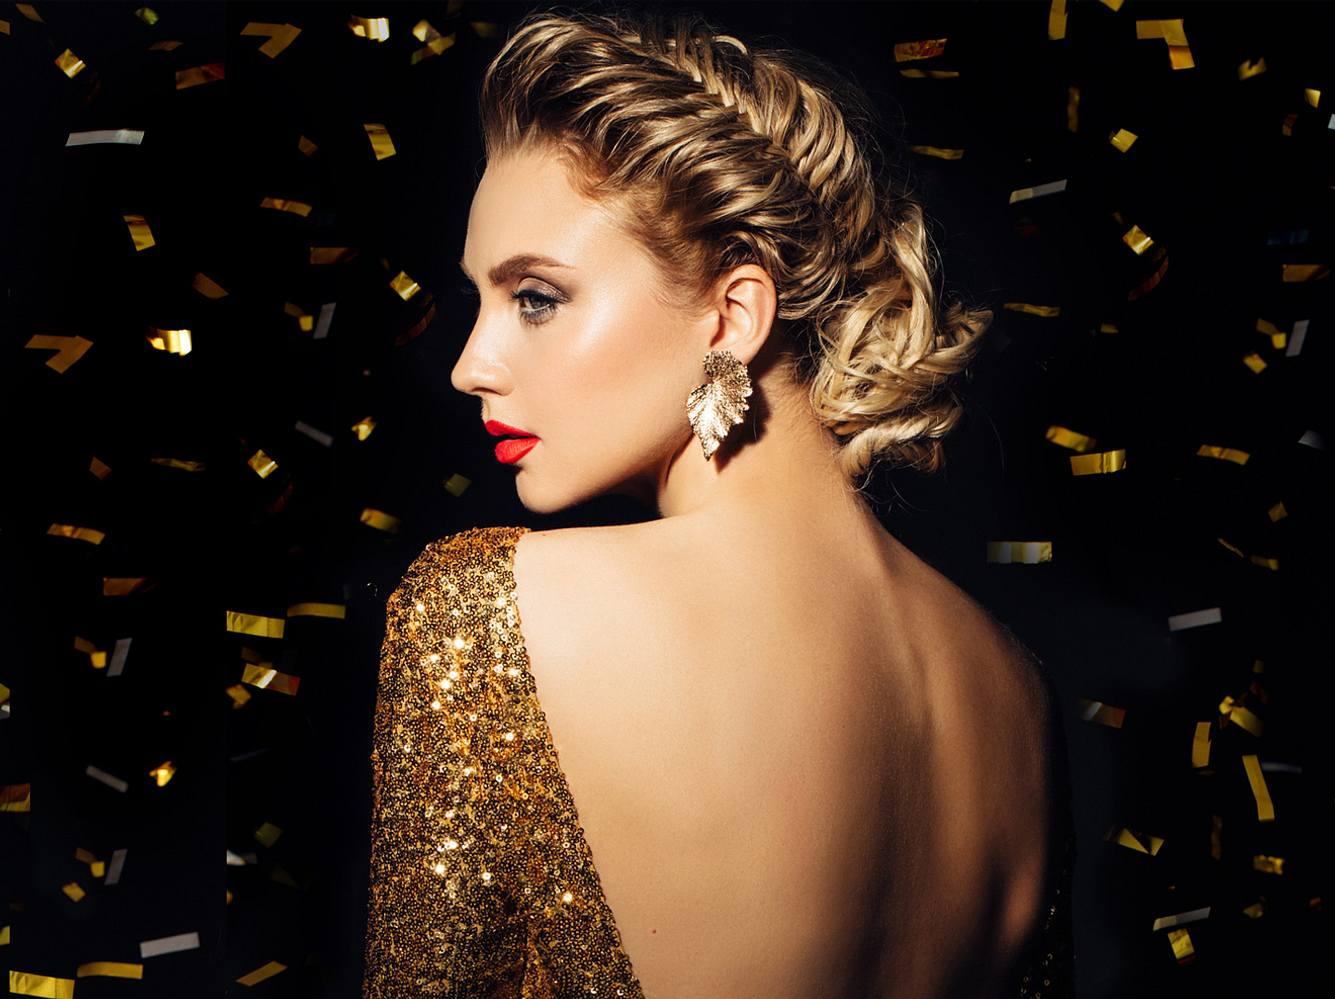 Silvester Frisuren sollen vor allem glamourös und dabei einfach zu stylen sein.